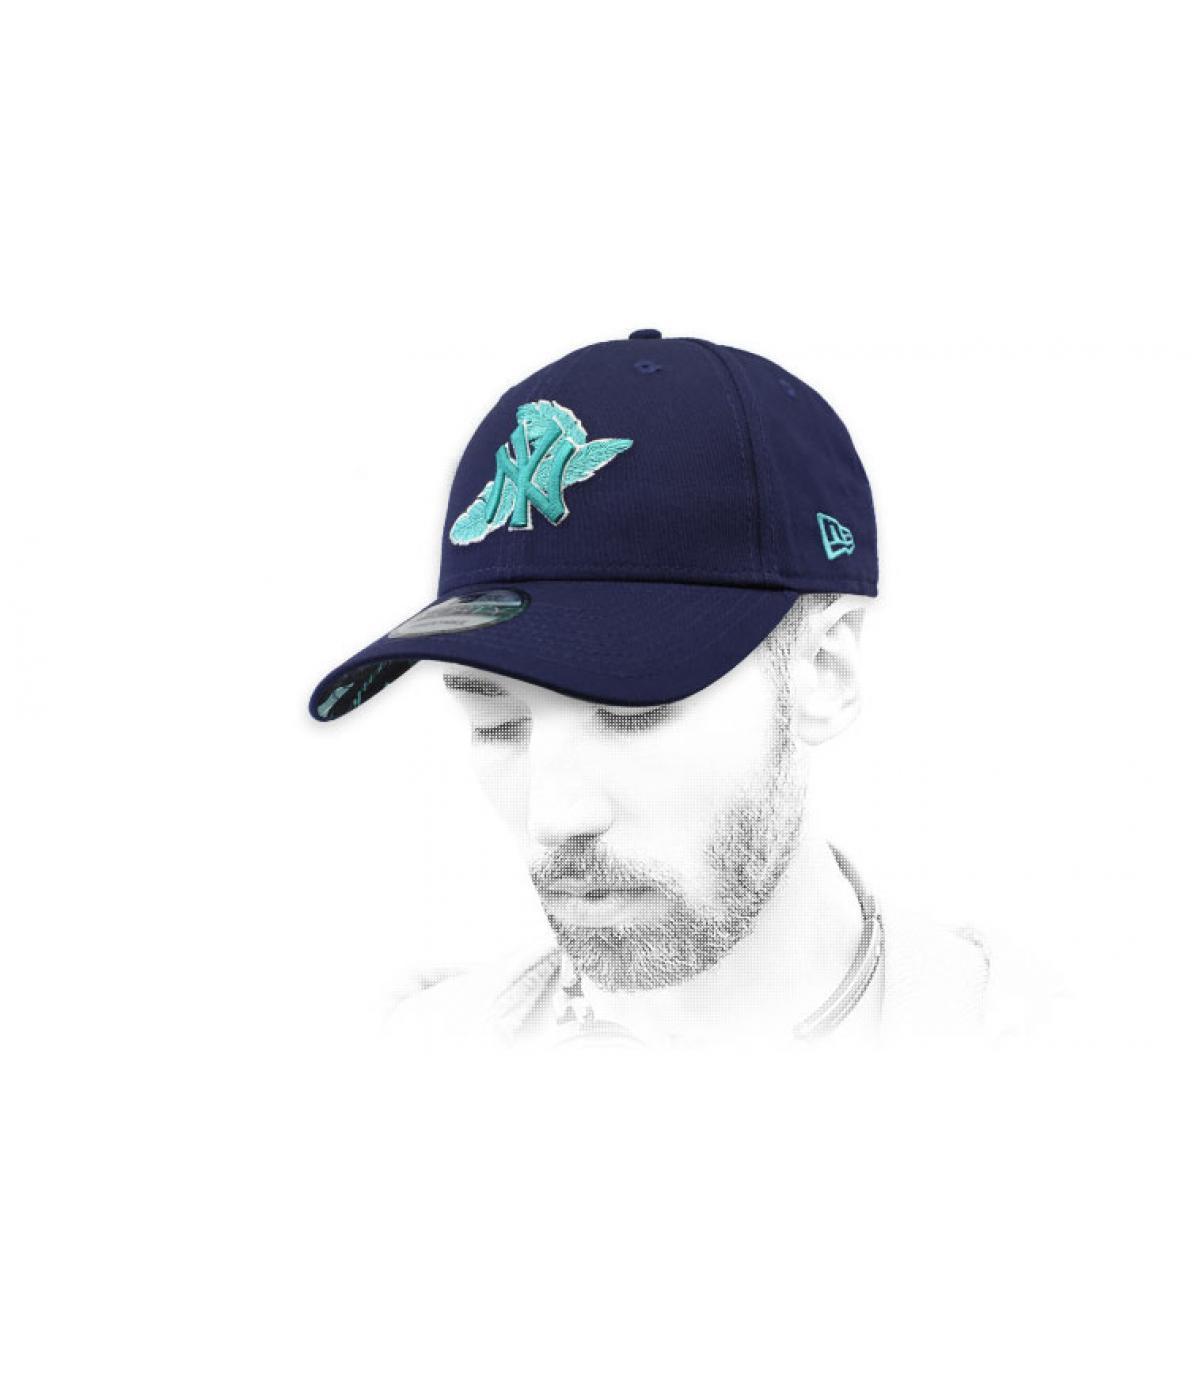 blue NY cap